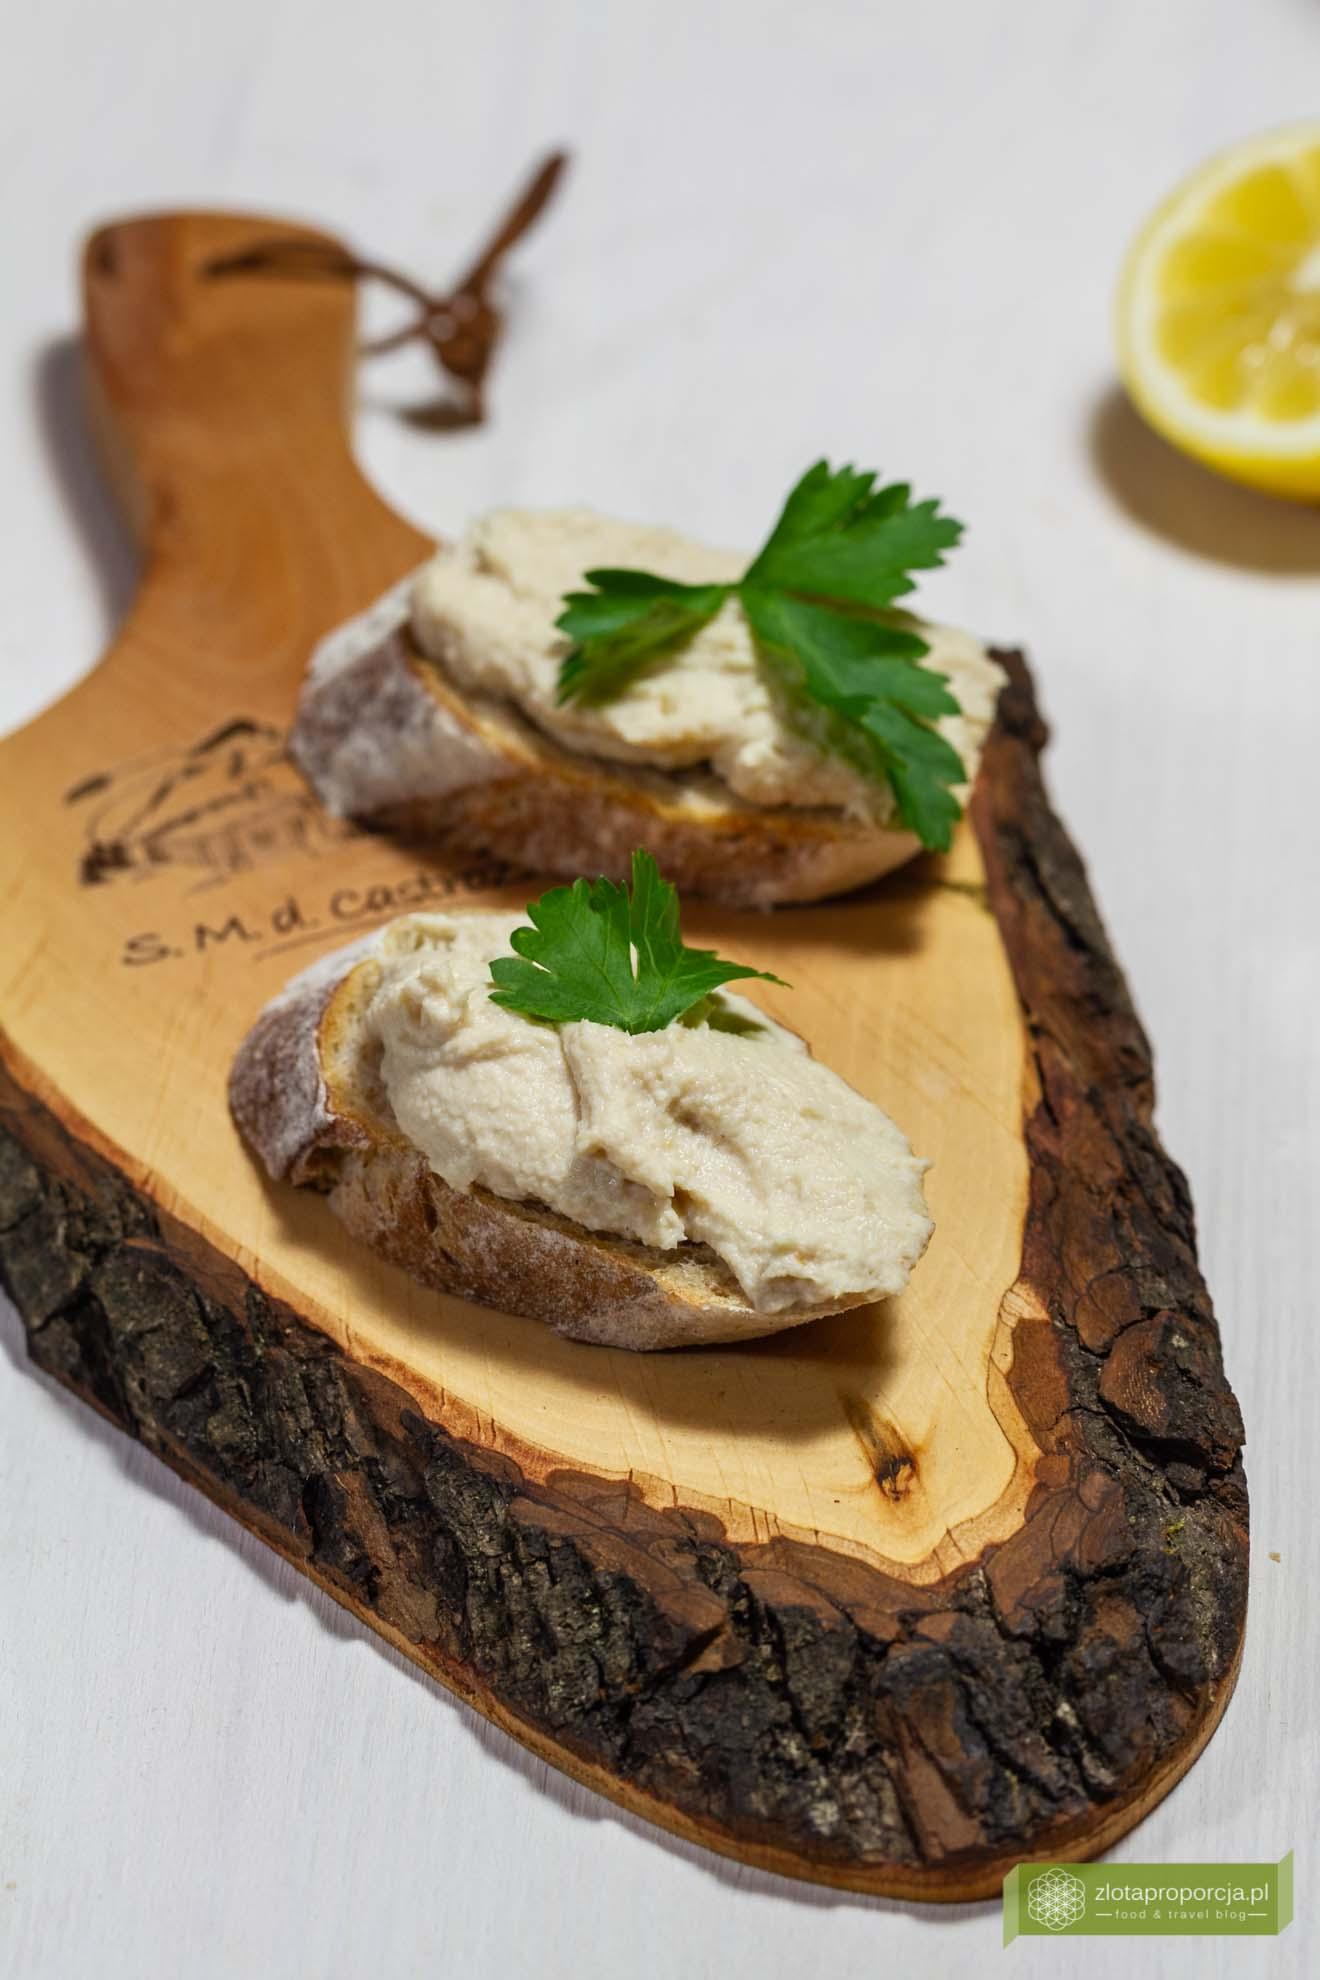 Pasta z pstrąga wędzonego; mus z pstrąga; pasta z pstrąga i mascarpone; pasta do chleba z pstrąga;